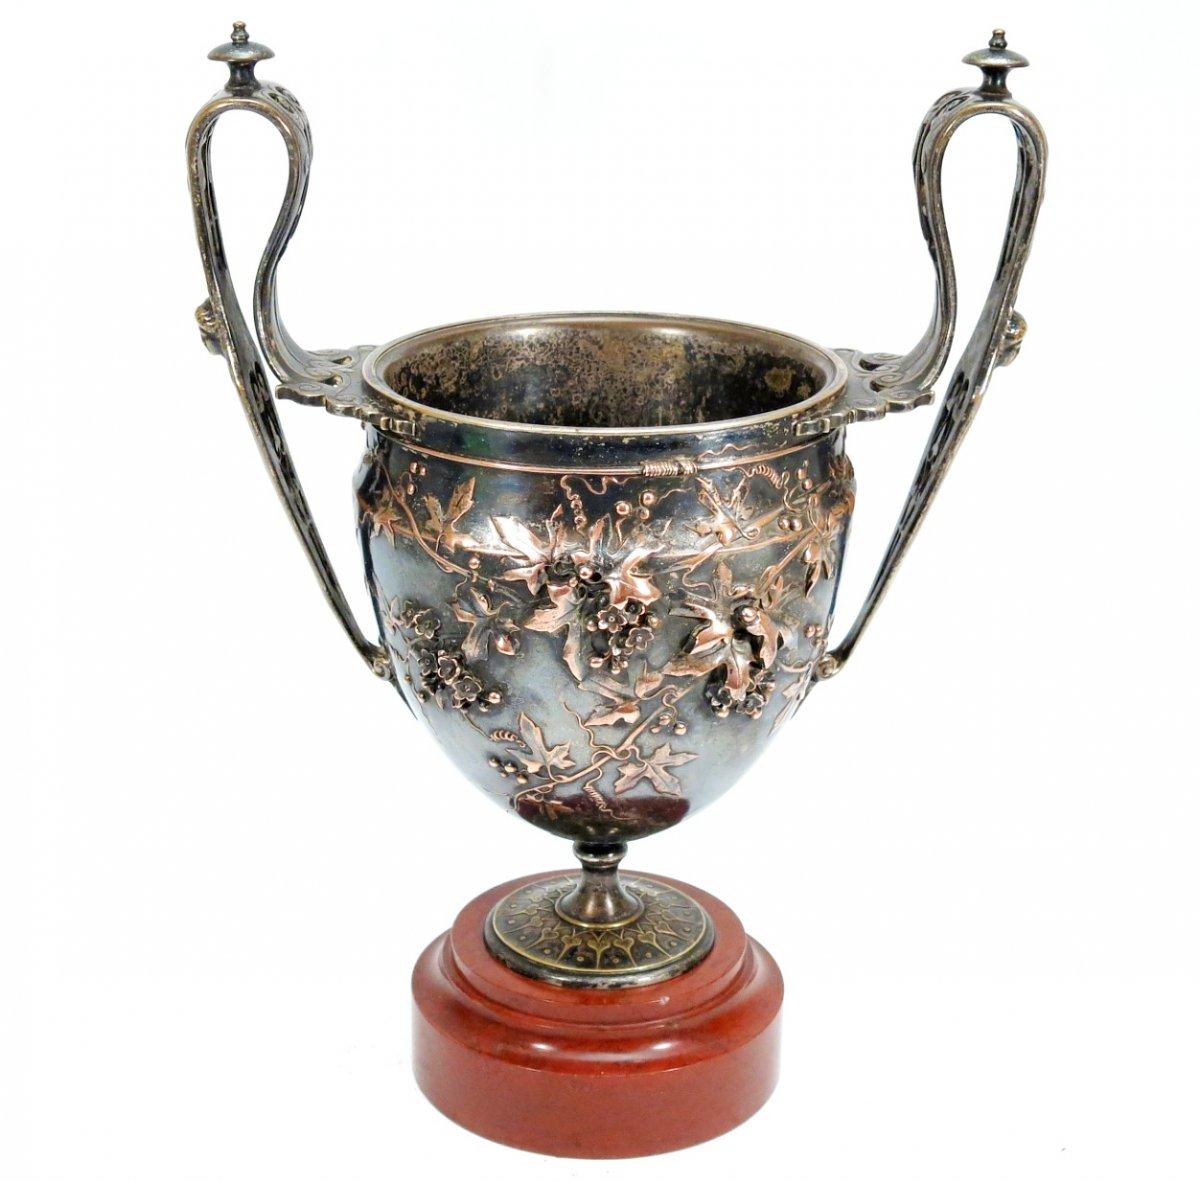 Vase canthare en bronze de Barbedienne et Sévin. 1866. Coupe à vin néo-classique.